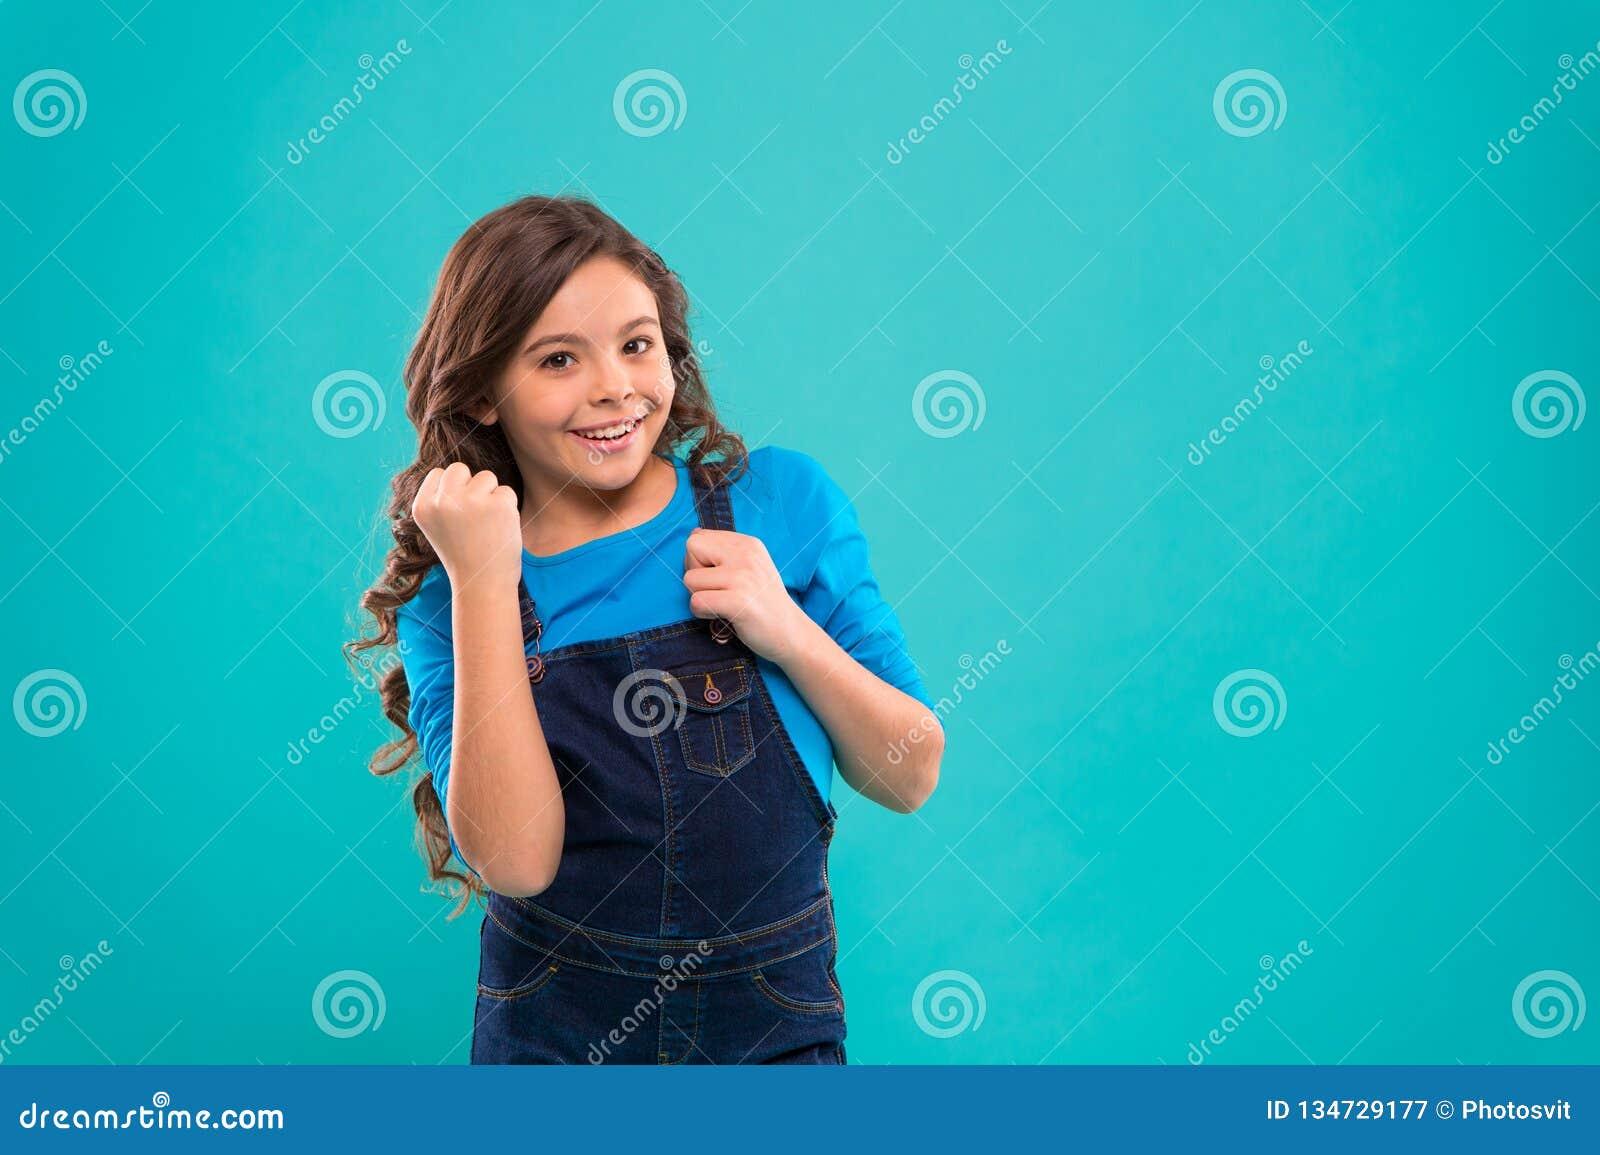 Psicología infantil y desarrollo Ganador feliz Niño feliz acertado Alcance el éxito El niño alegre celebra la victoria